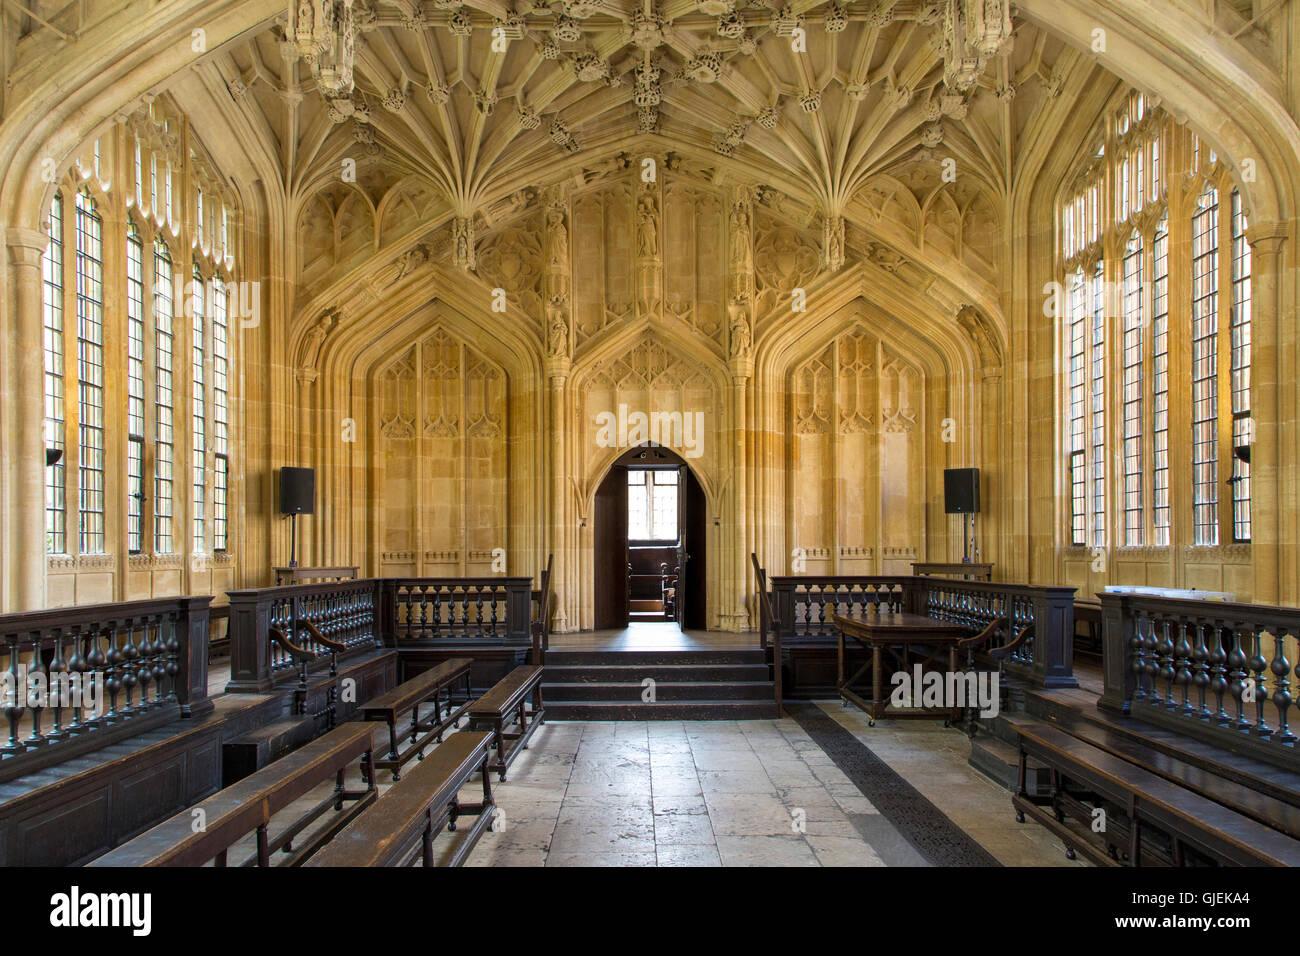 Intérieur de la Divinity School - 1488, une partie de l'actuelle bibliothèque bodléienne, Oxford, Photo Stock